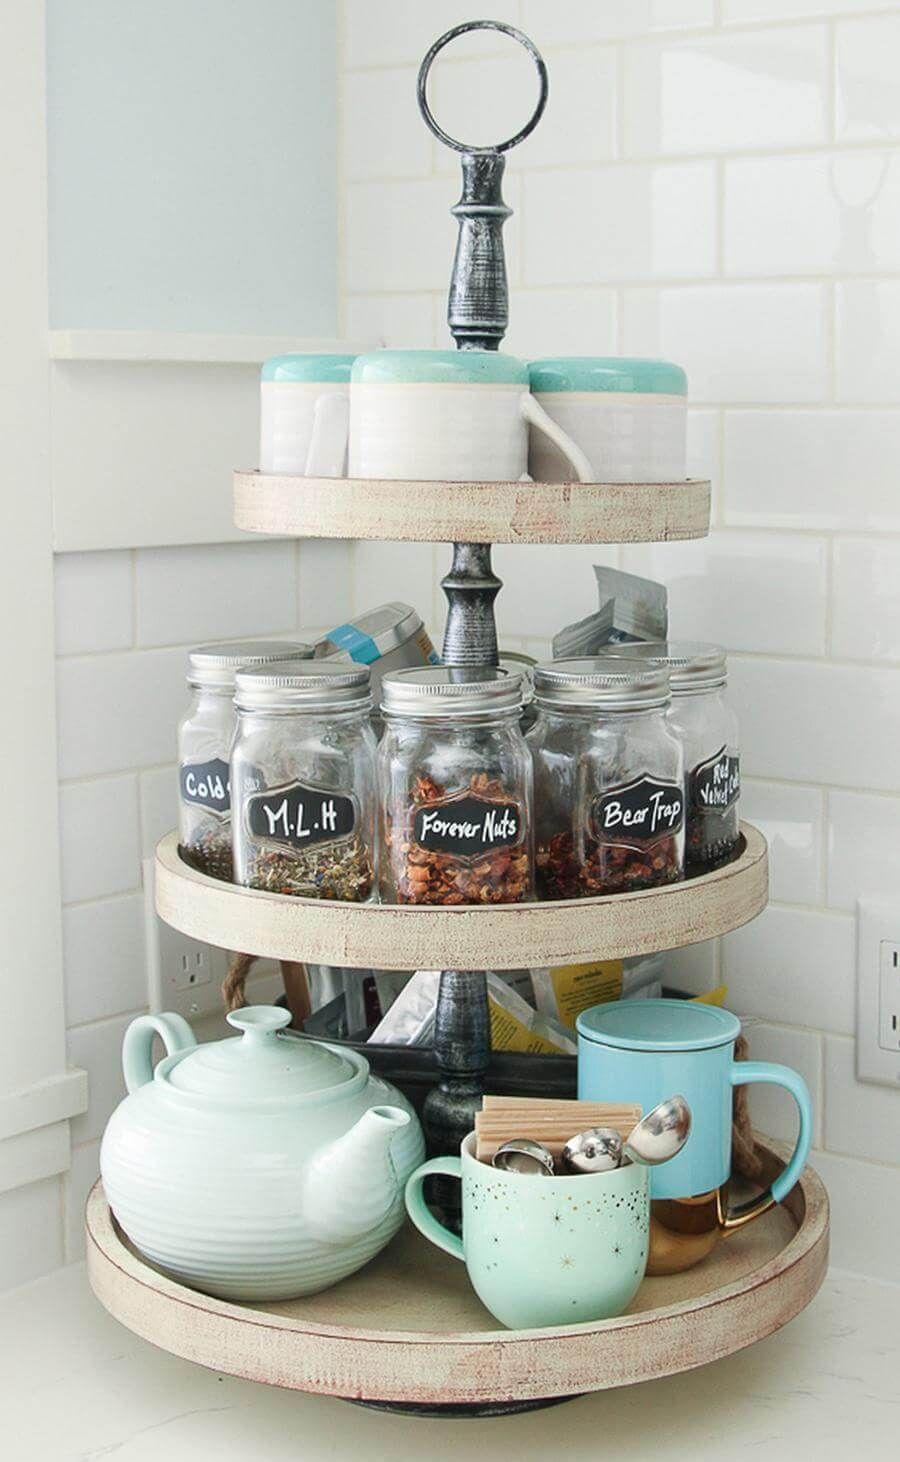 34 Vintage Kitchen Design und Dekor Ideen, die den Test der Zeit bestehen - Dekoration ideen #kitchendecorideas